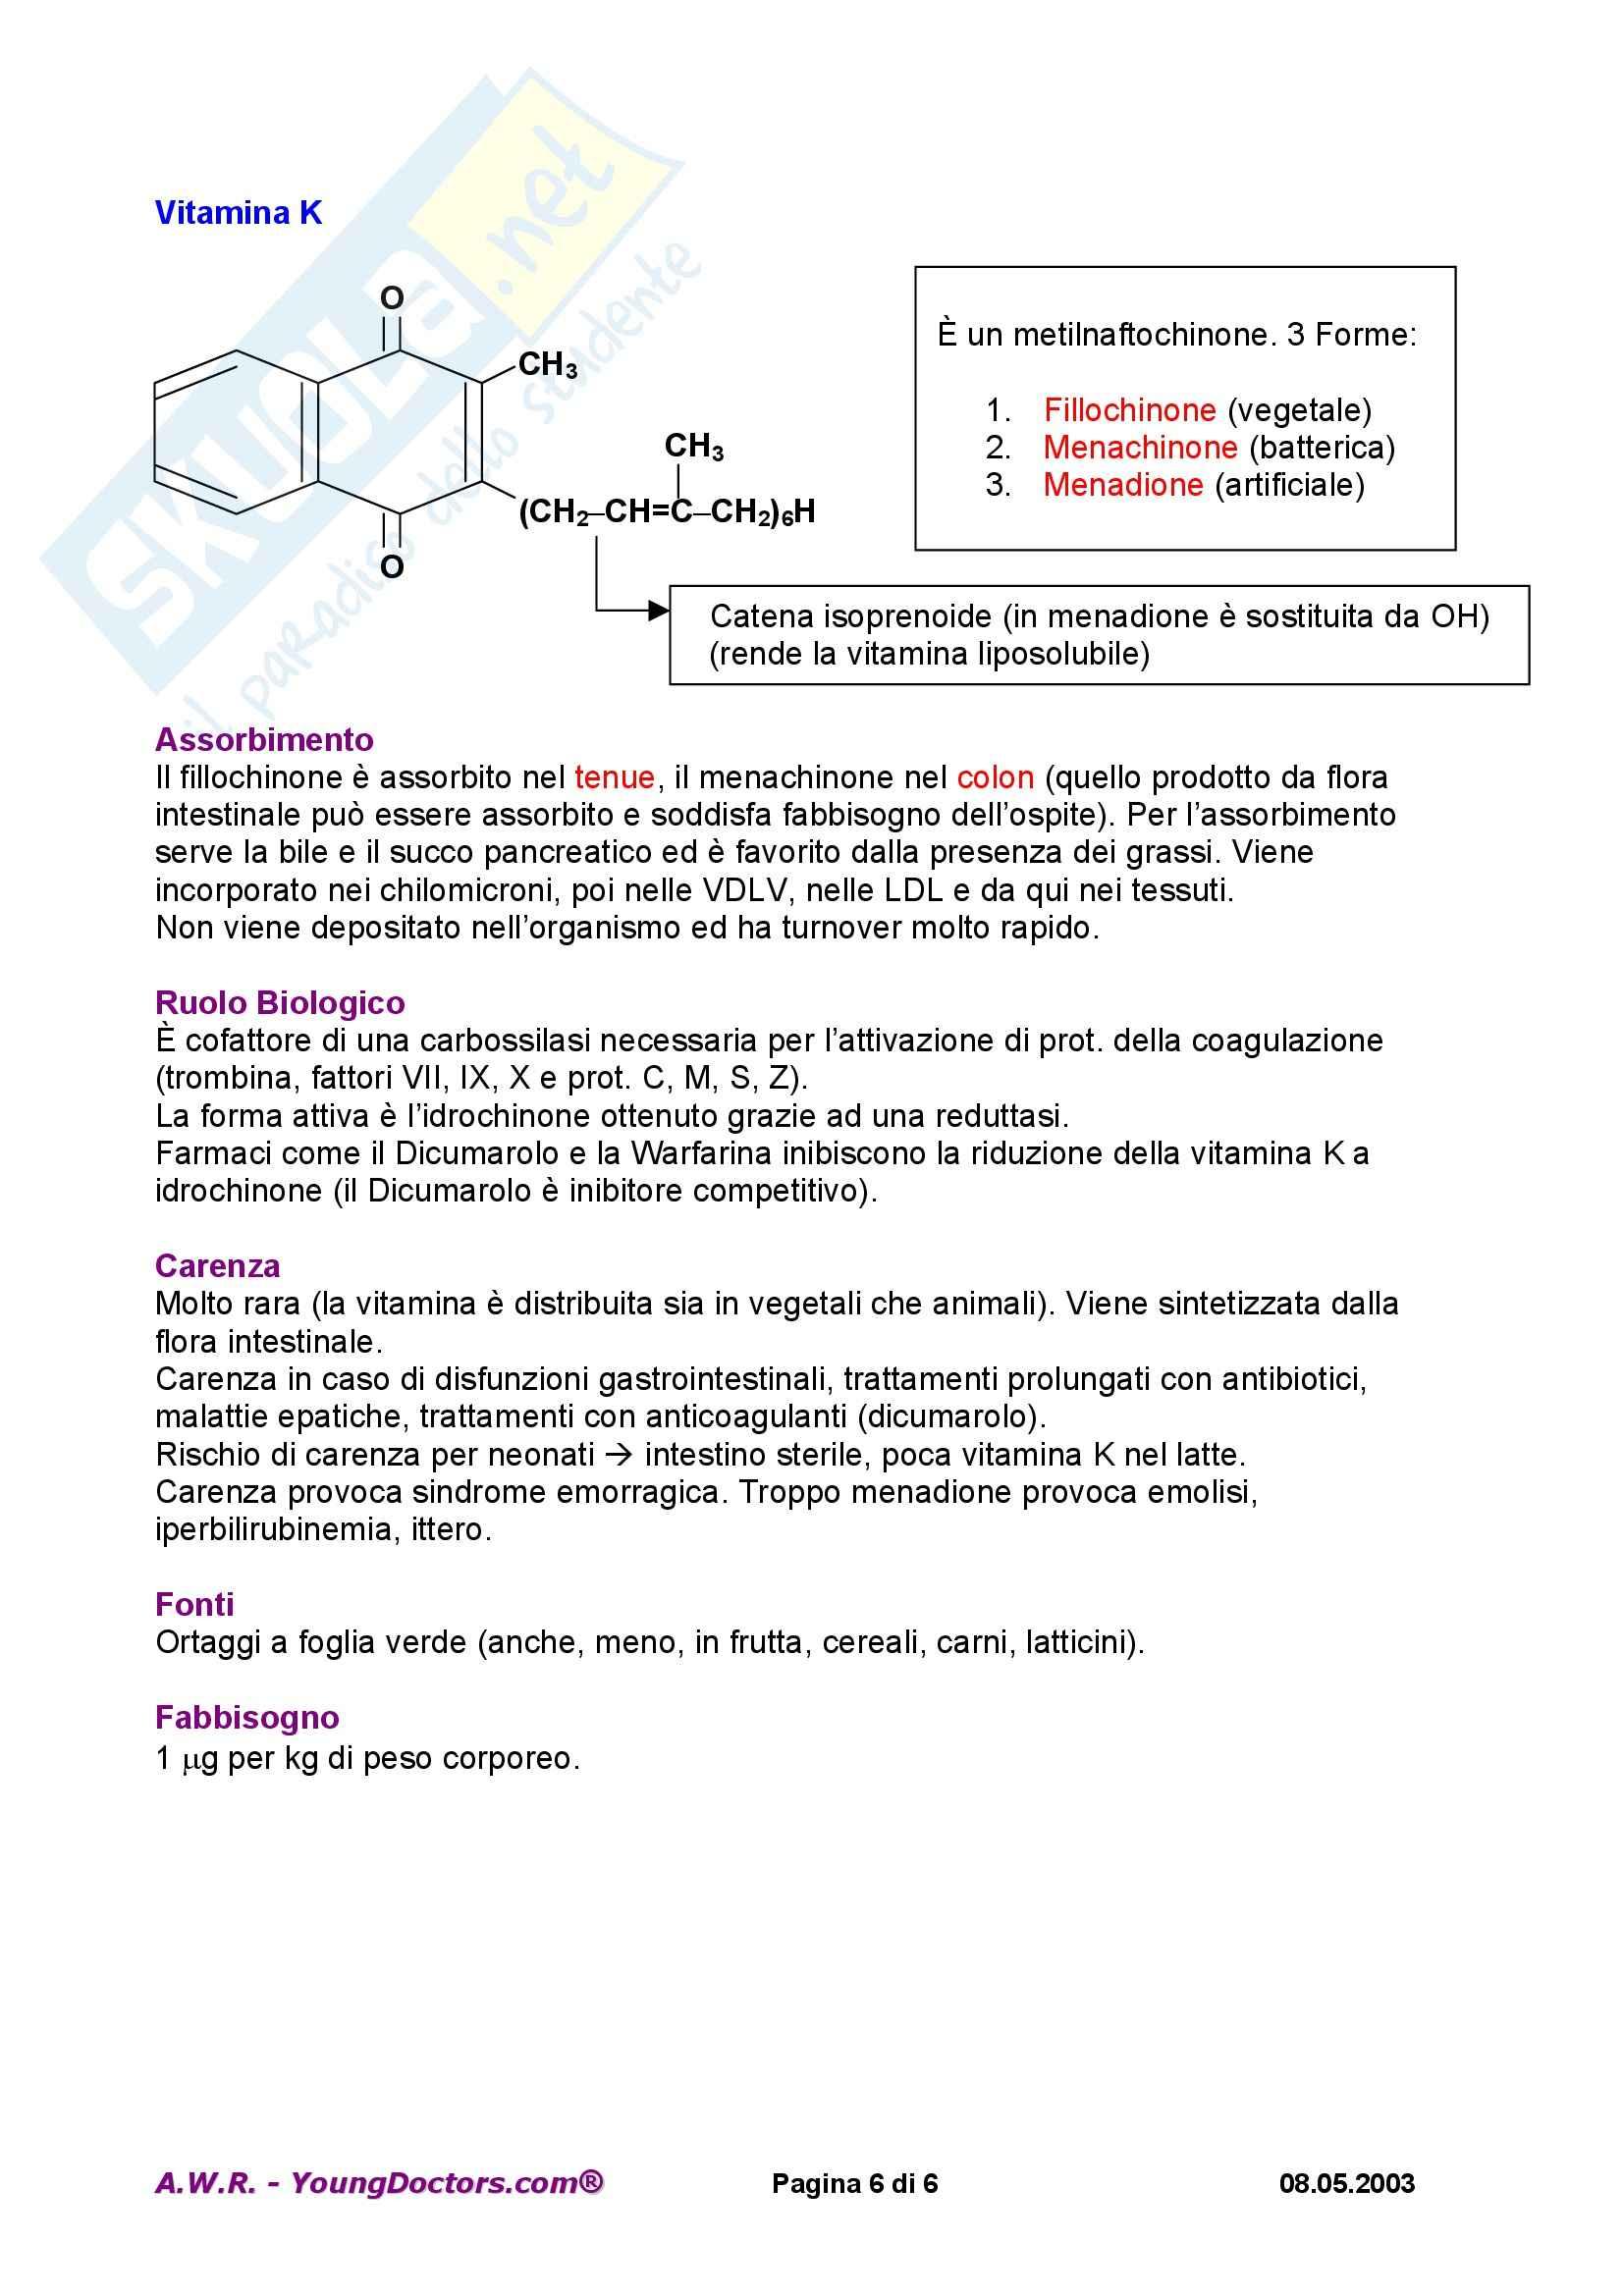 Biologia molecolare - vitamine liposolubili Pag. 6